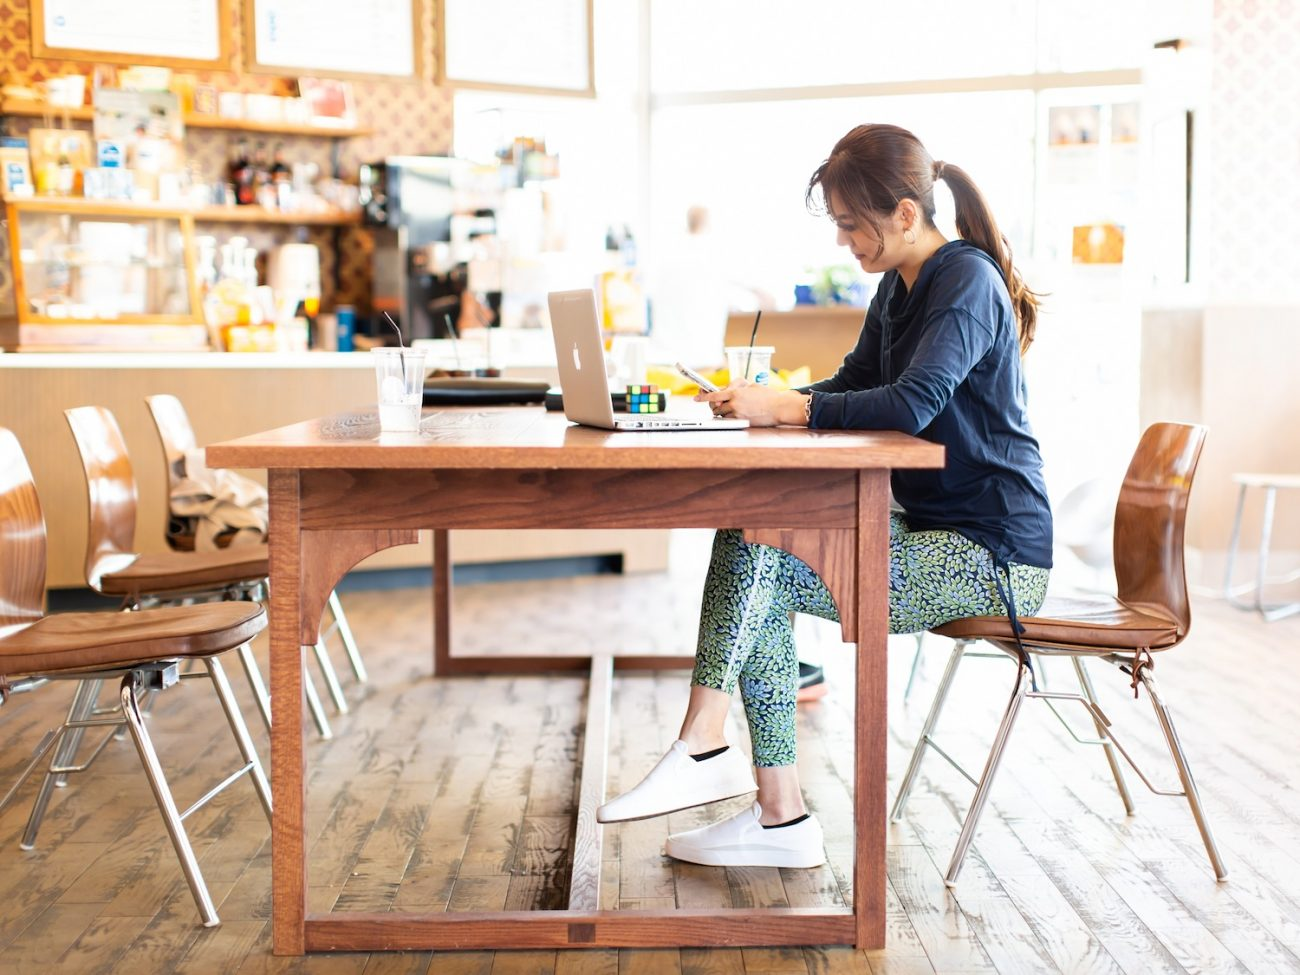 世界のアウトドアブランドが出店する アウトドア専門のモール型ECサイトmountain-products.comに掲載されました